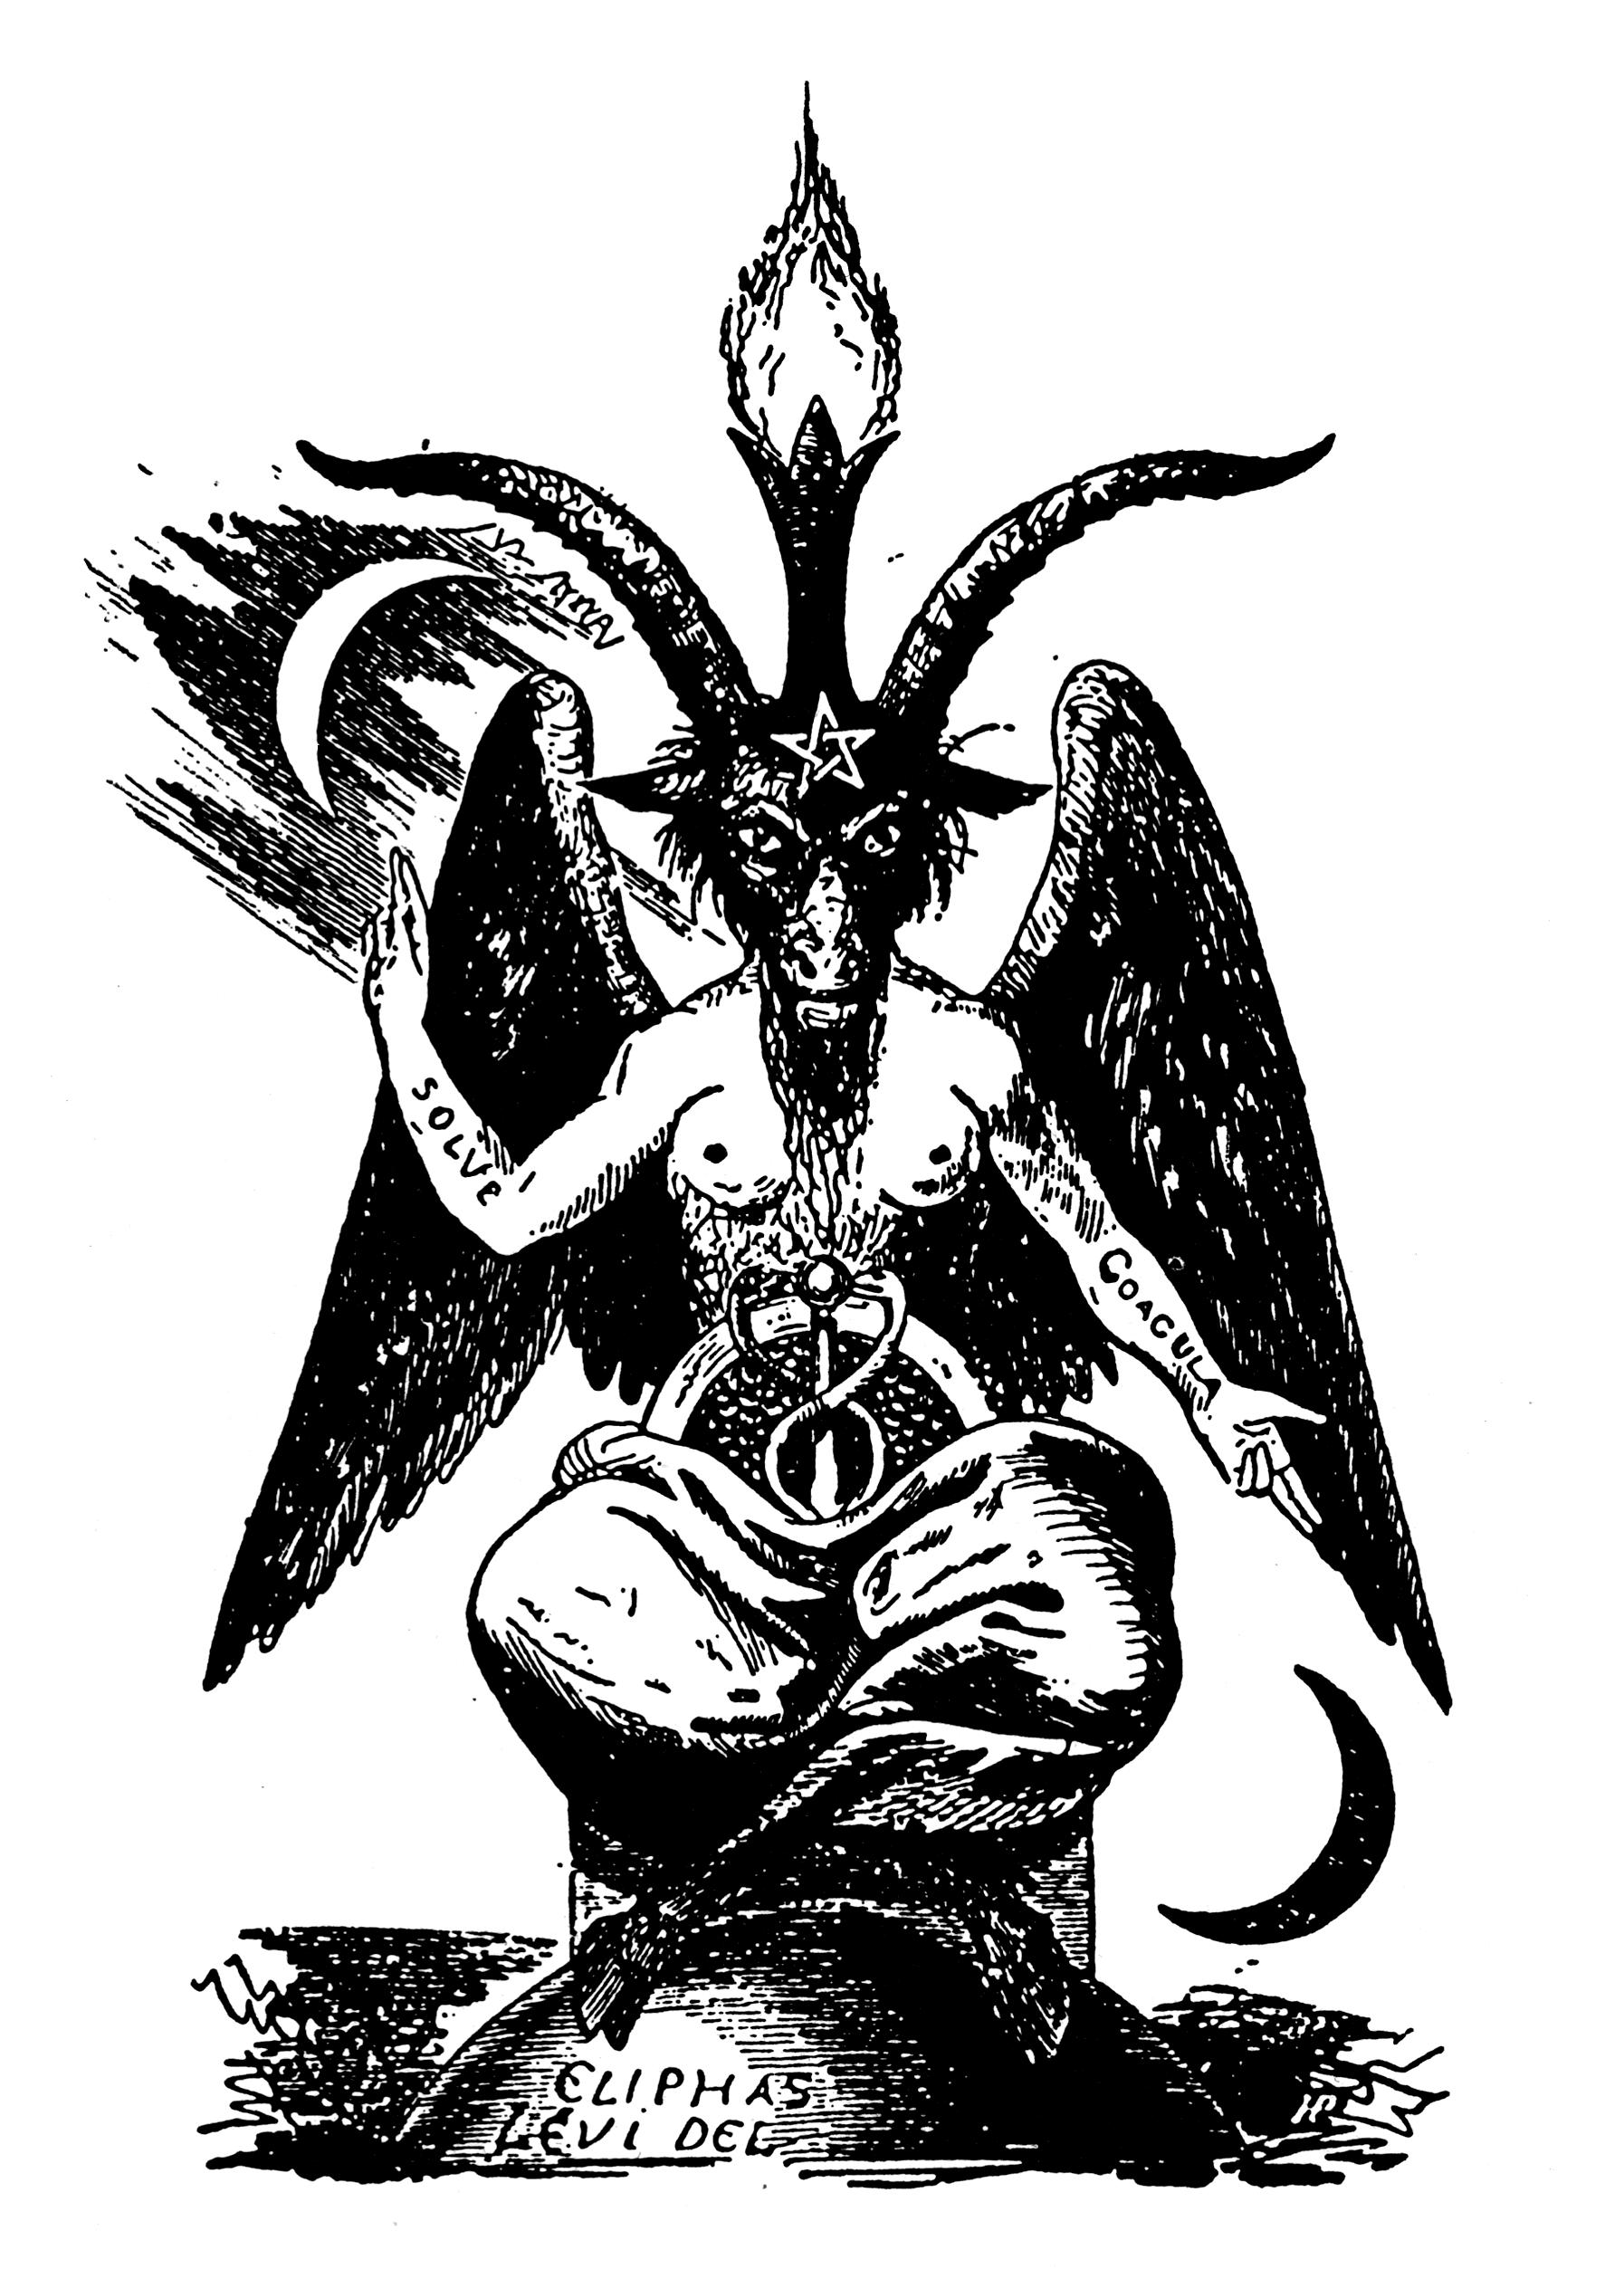 image freeuse Baphomet drawing artwork. Sculpting satan a chat